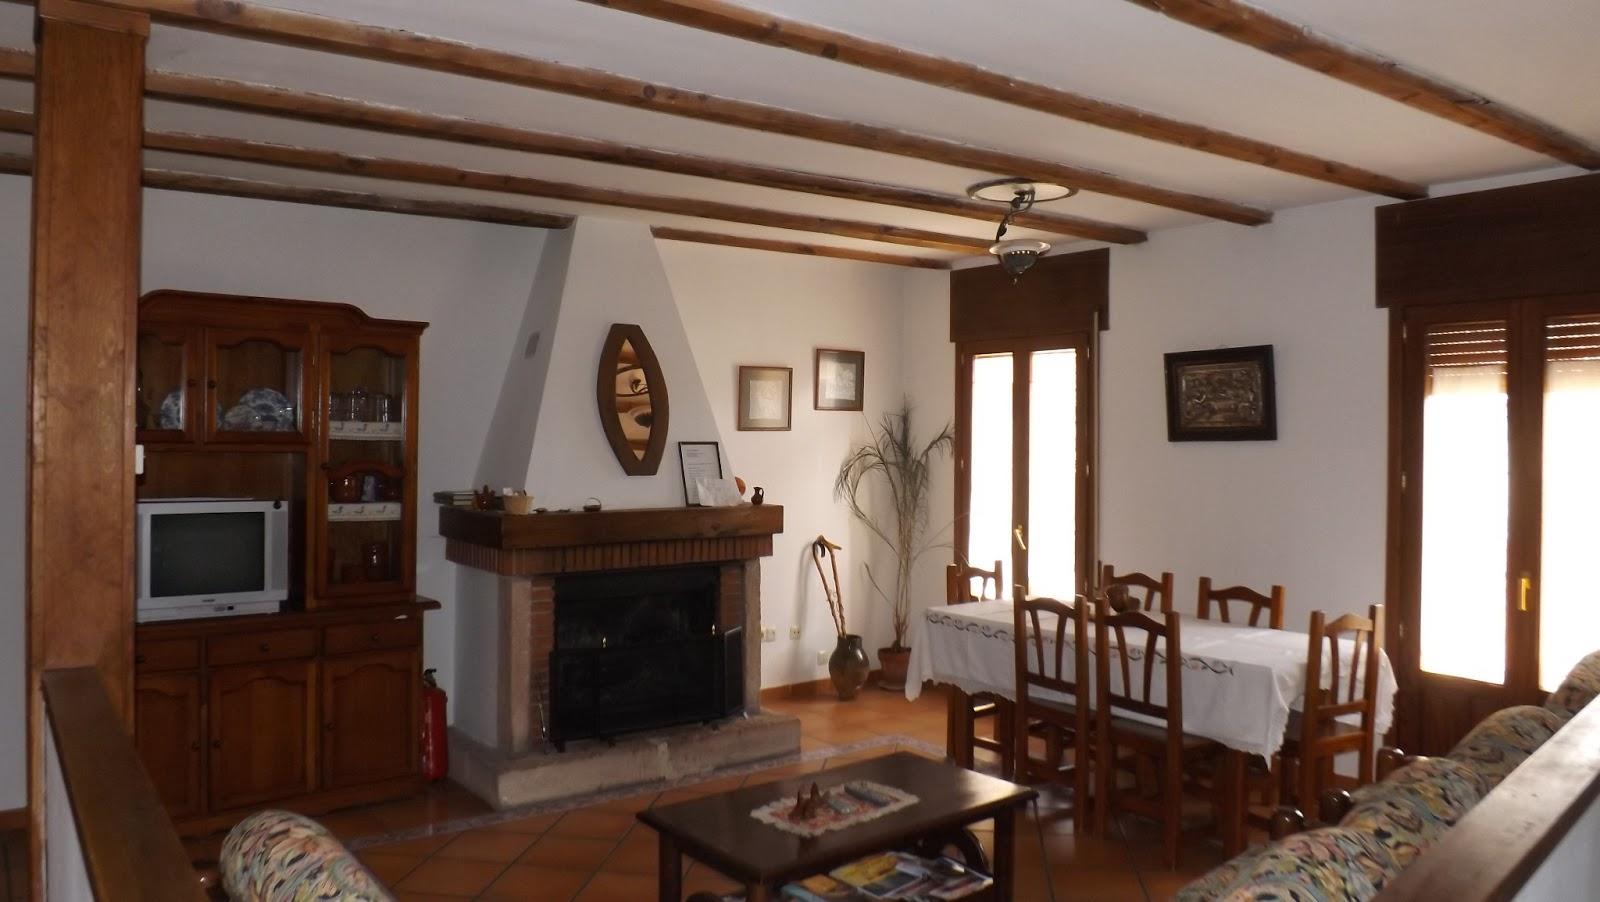 Casa rural de la abuela rufa - La casa de la abuela cazorla ...